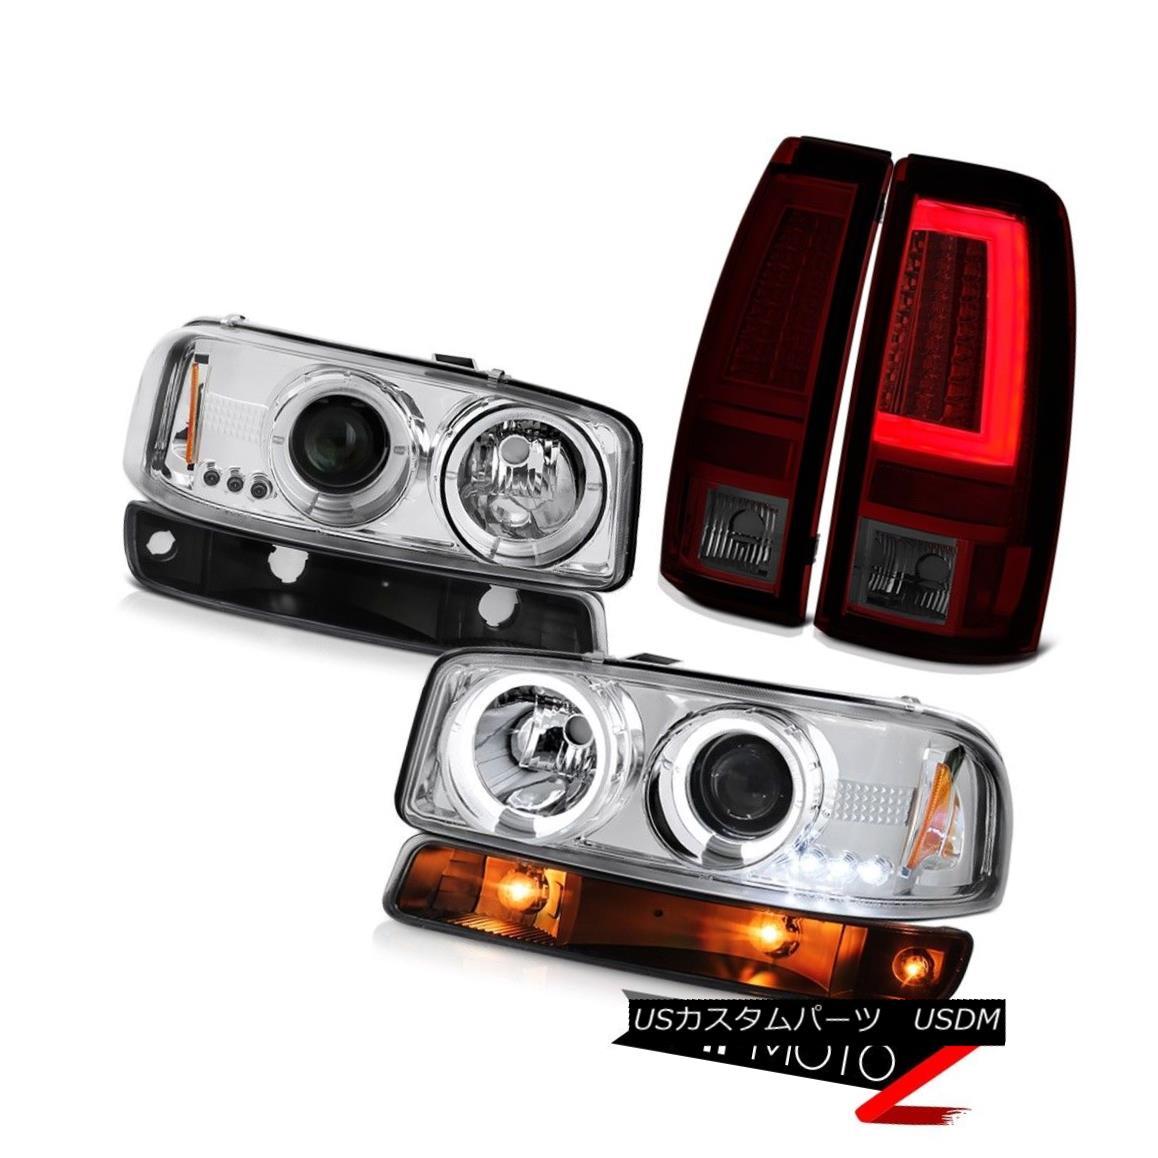 ヘッドライト 99-06 GMC Sierra Taillamps Matte Black Turn Signal Chrome Projector Headlights 99-06 GMC Sierra Taillampsマットブラックターンシグナルクロームプロジェクターヘッドライト